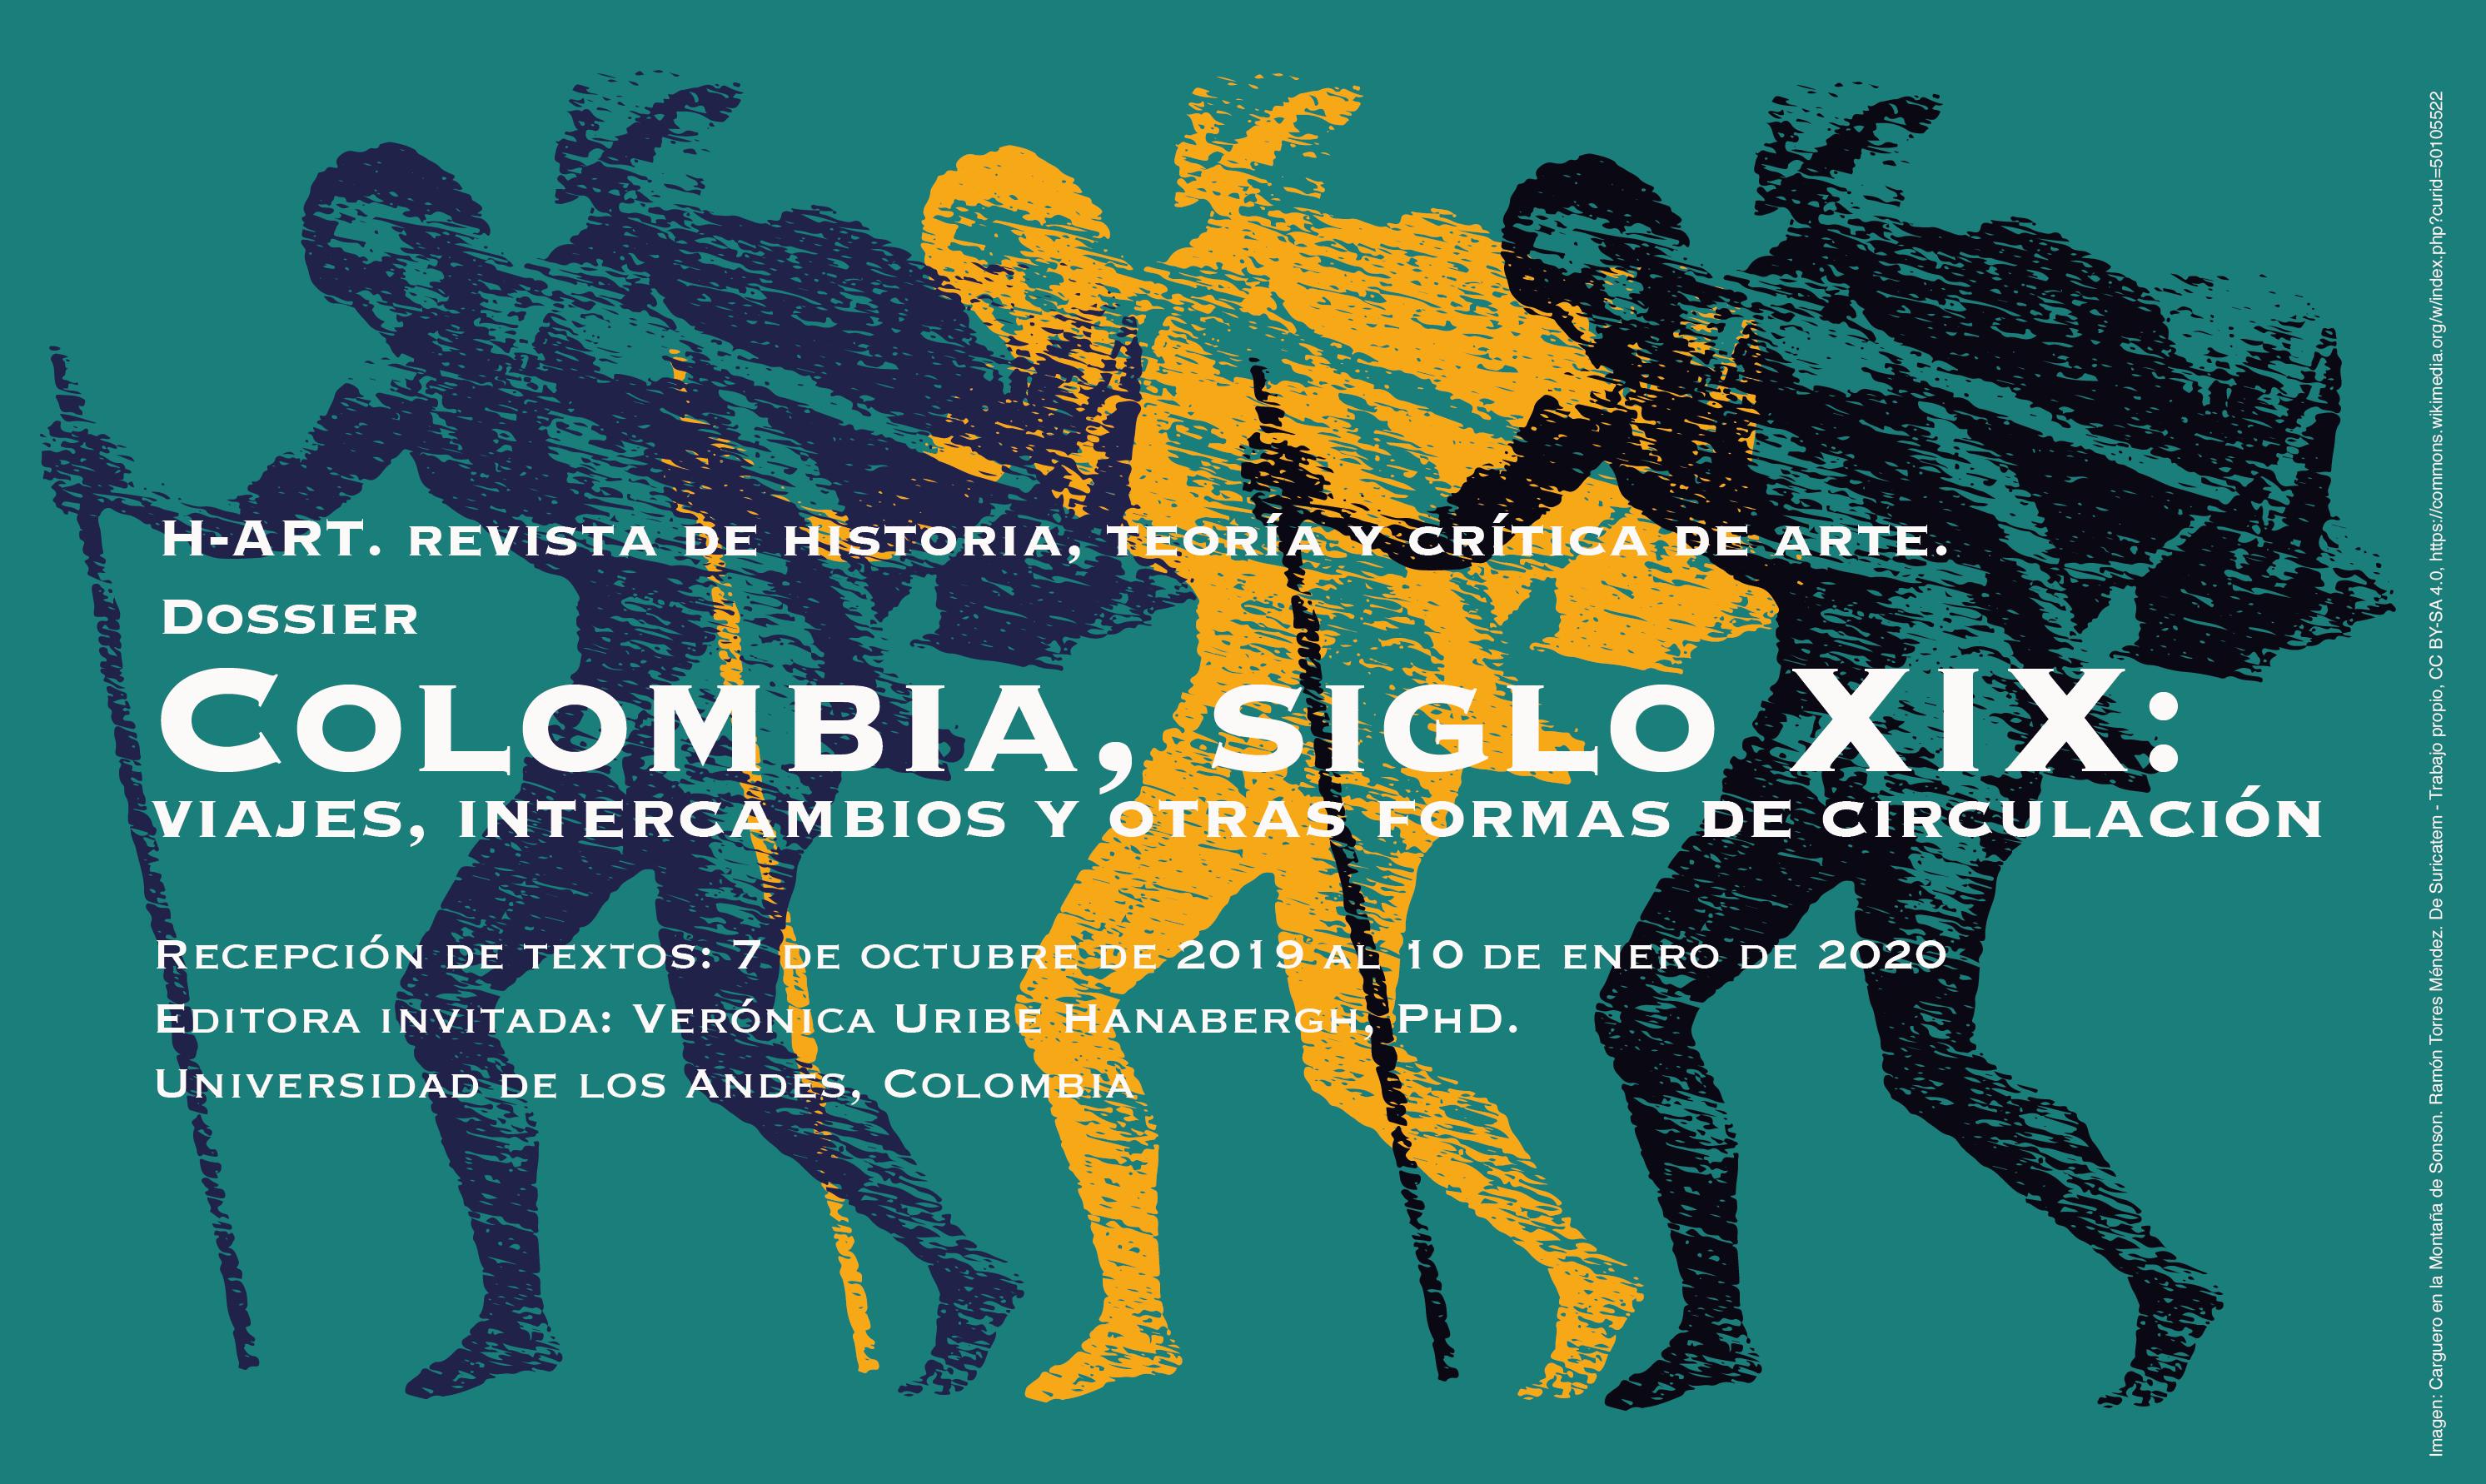 Convocatoria. Dossier Colombia, siglo XIX: viajes, intercambios y otras formas de circulación